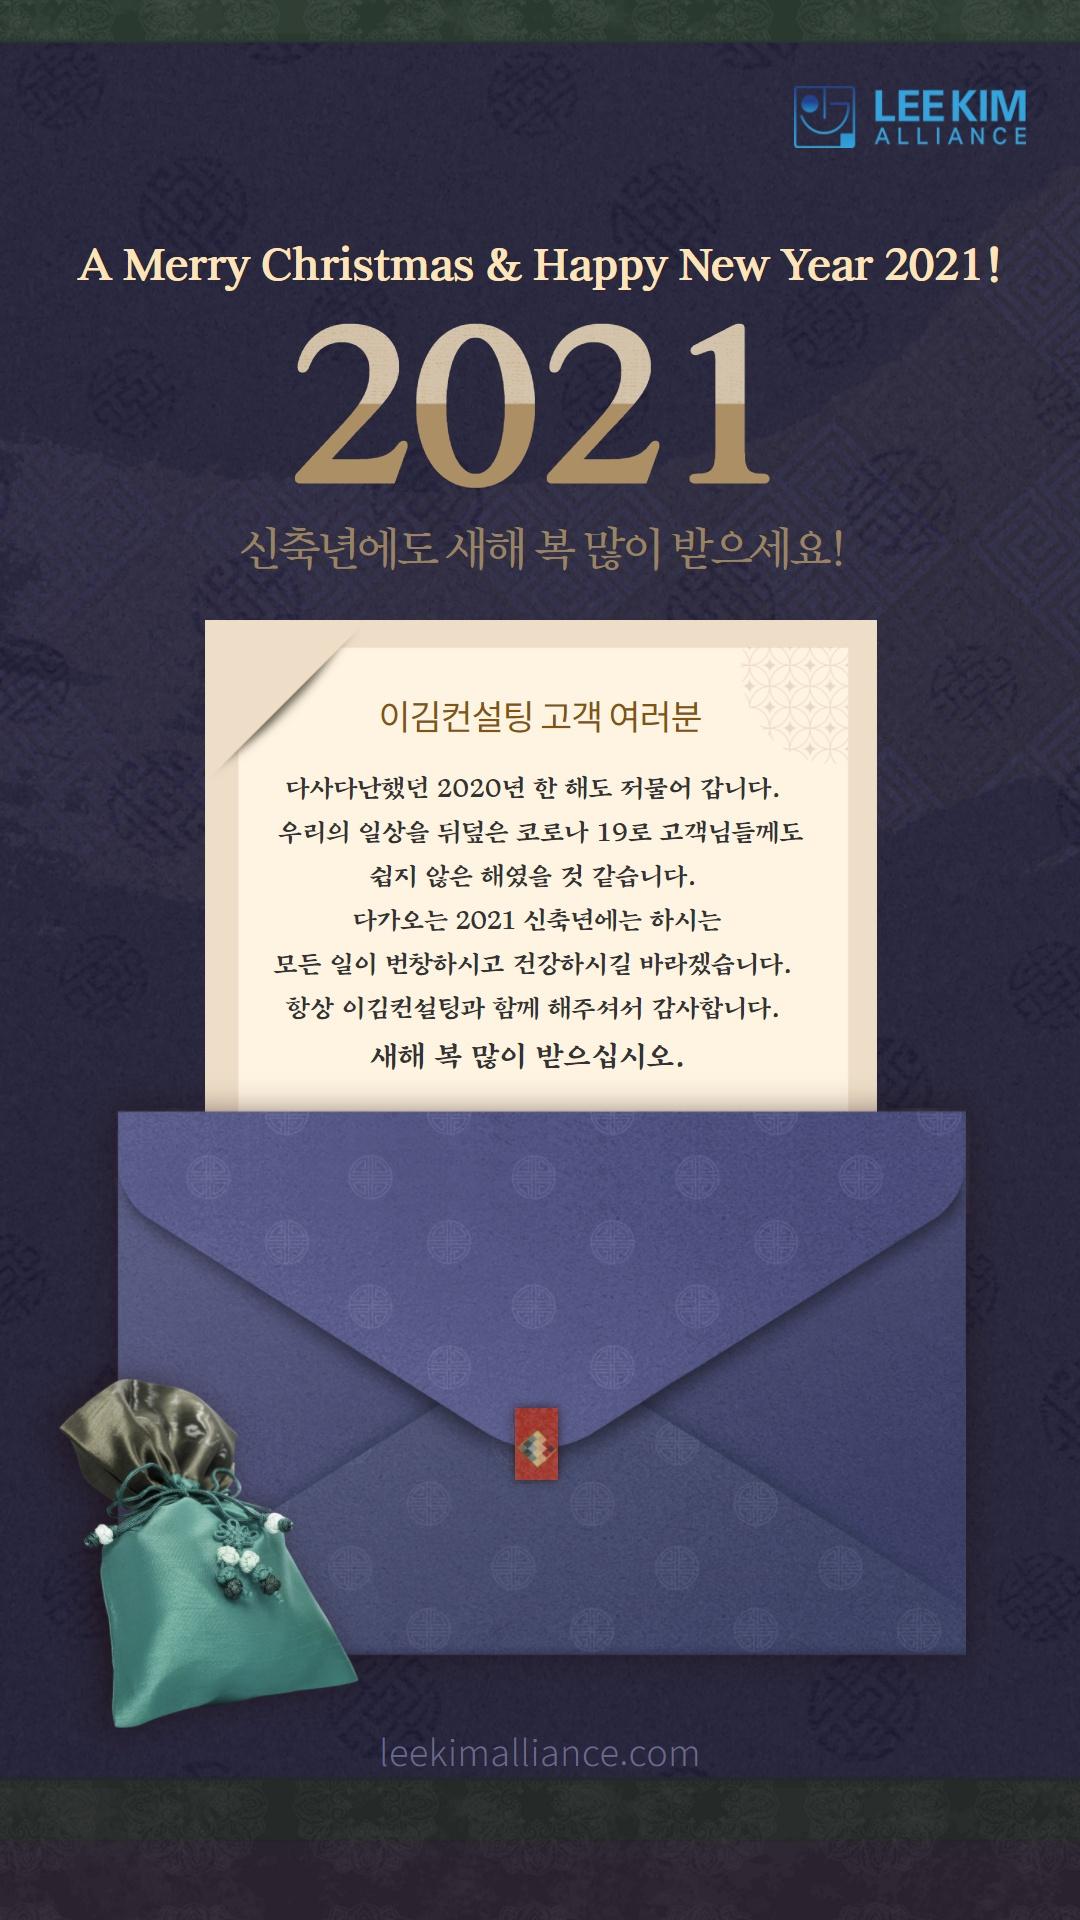 2020_SEASON_GREETINGS_LEE_KIM.jpg